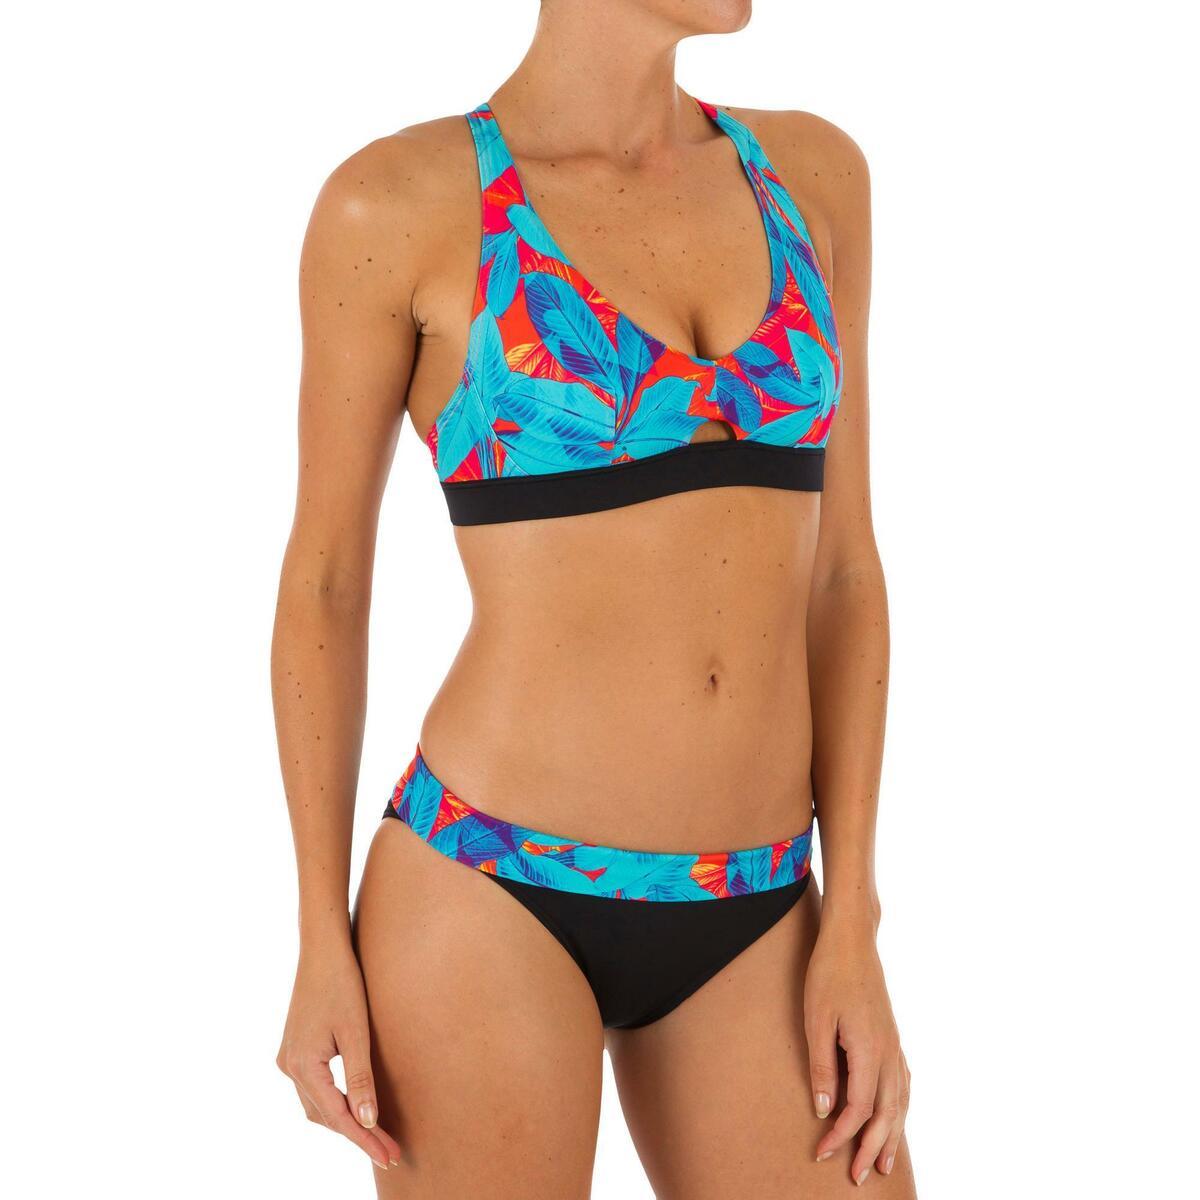 Bild 5 von Bikini-Oberteil Bustier Agatha Walis Rücken doppelt verstellbar Damen